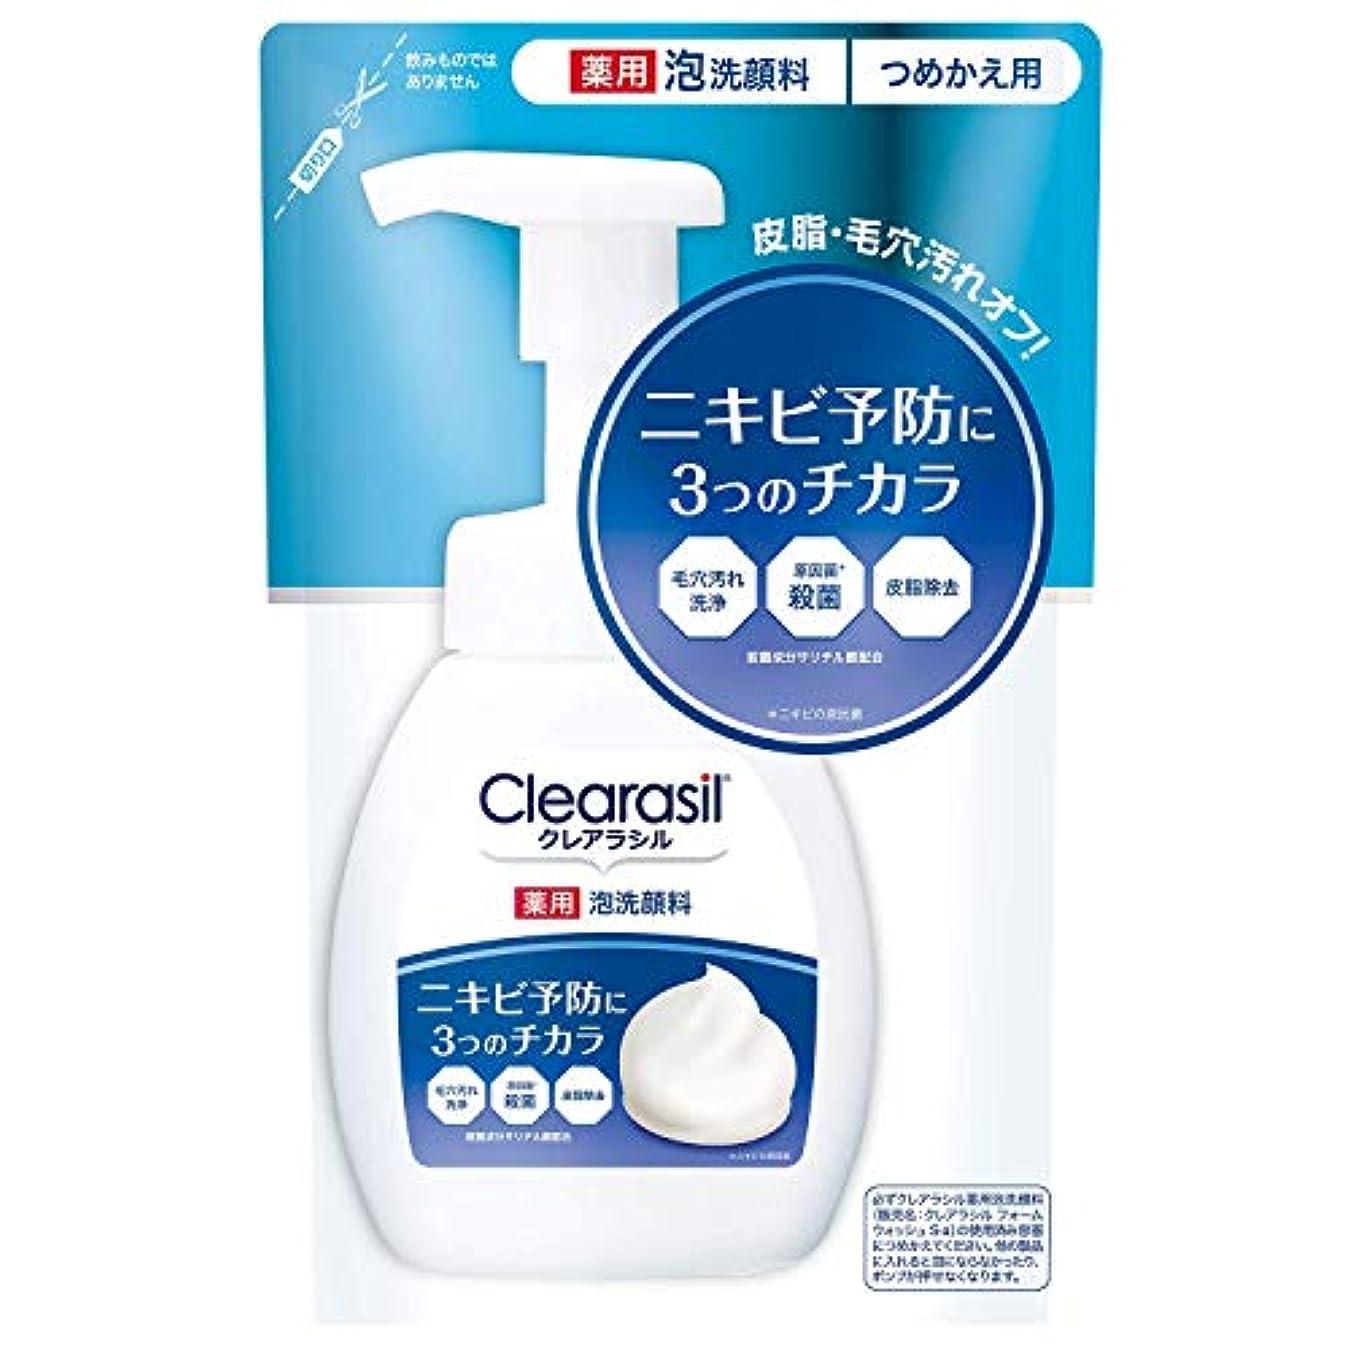 生じる破裂ランク【clearasil】クレアラシル 薬用泡洗顔フォーム10 つめかえ用 (180ml) ×20個セット